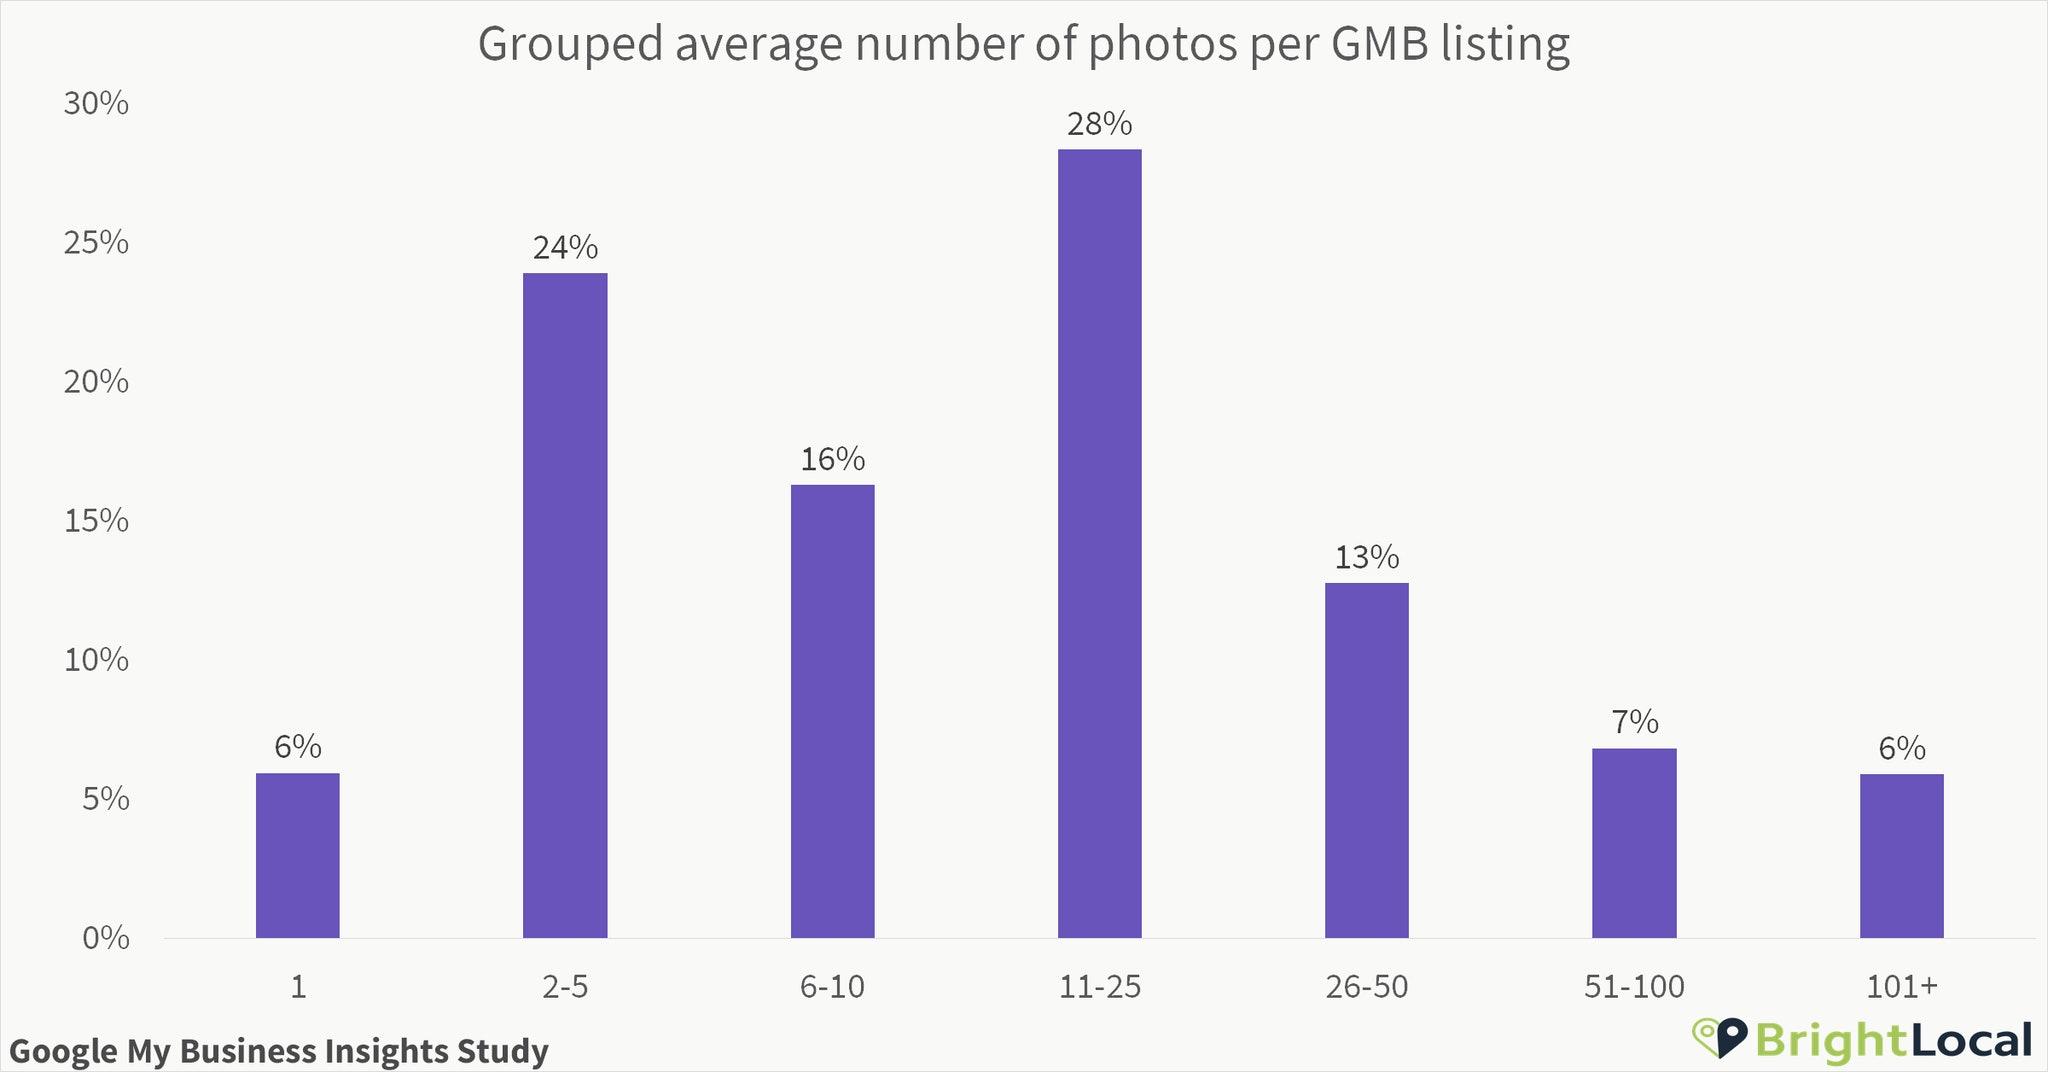 Numero medio di foto sulle inserzioni GMB